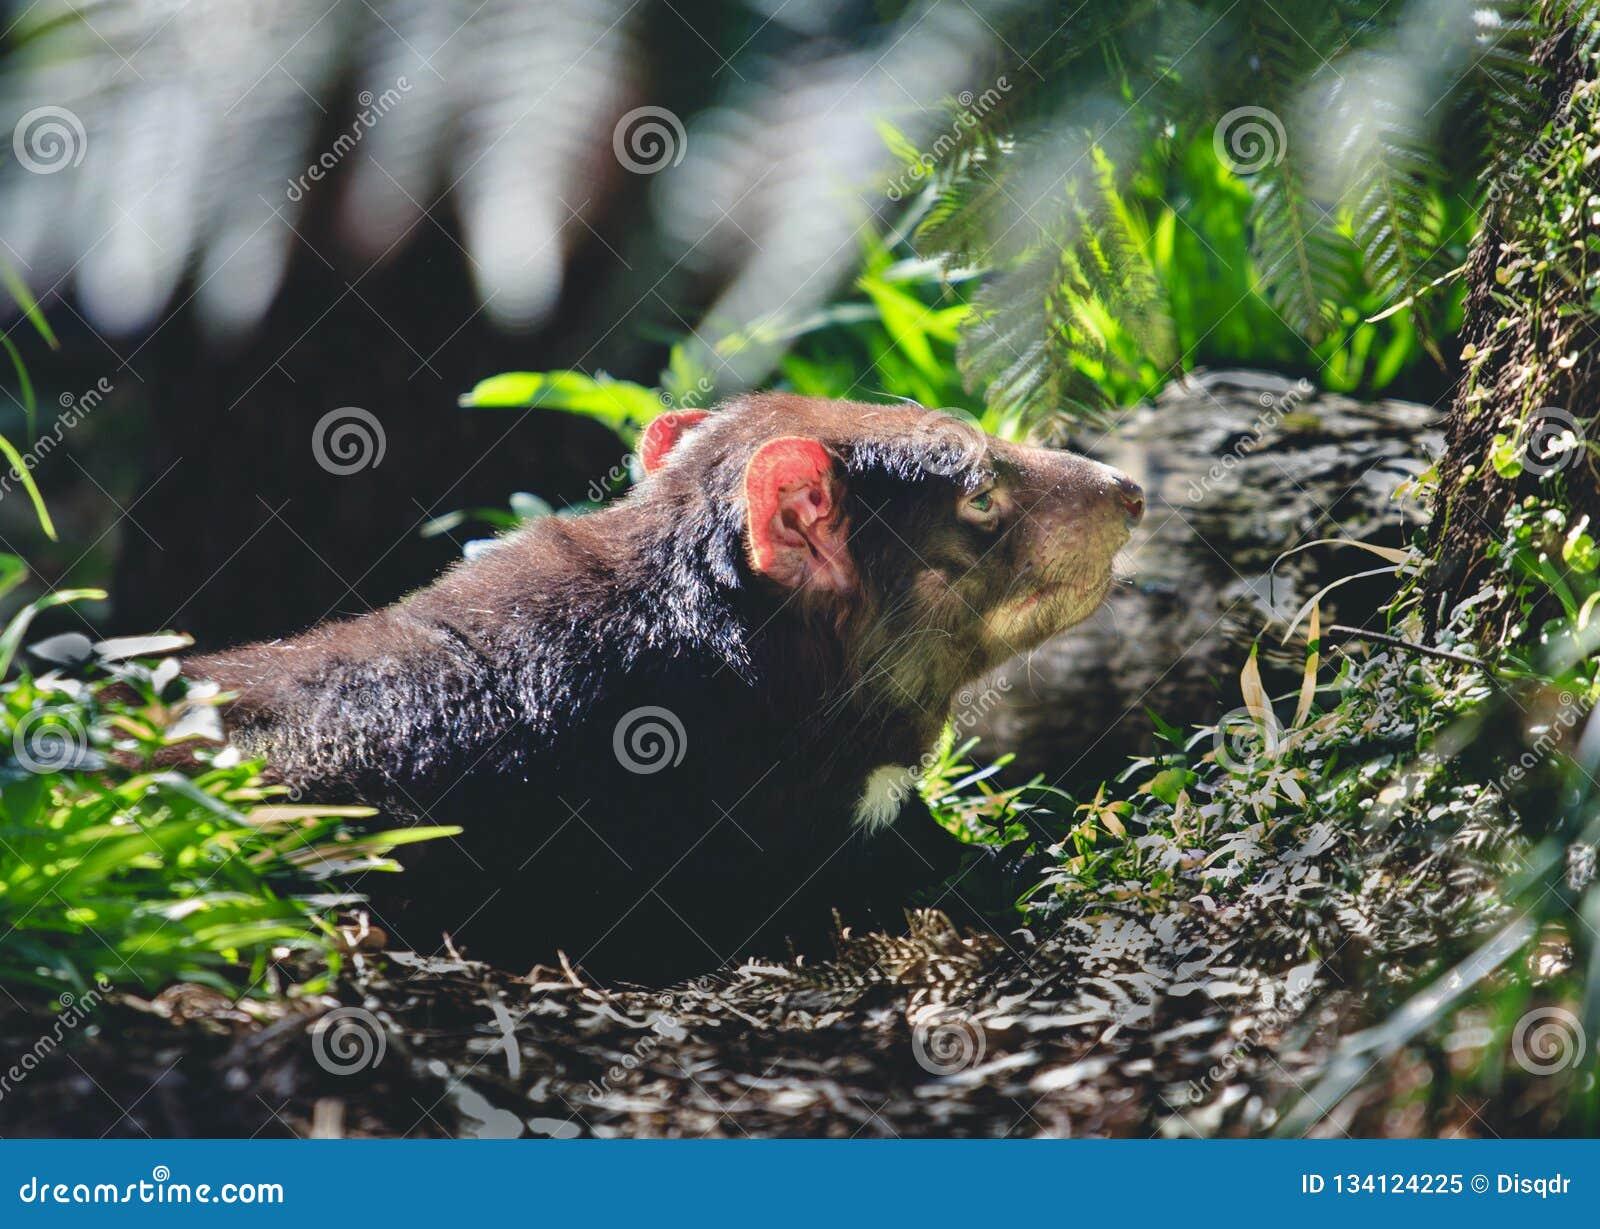 Tasmanian devil in the wild